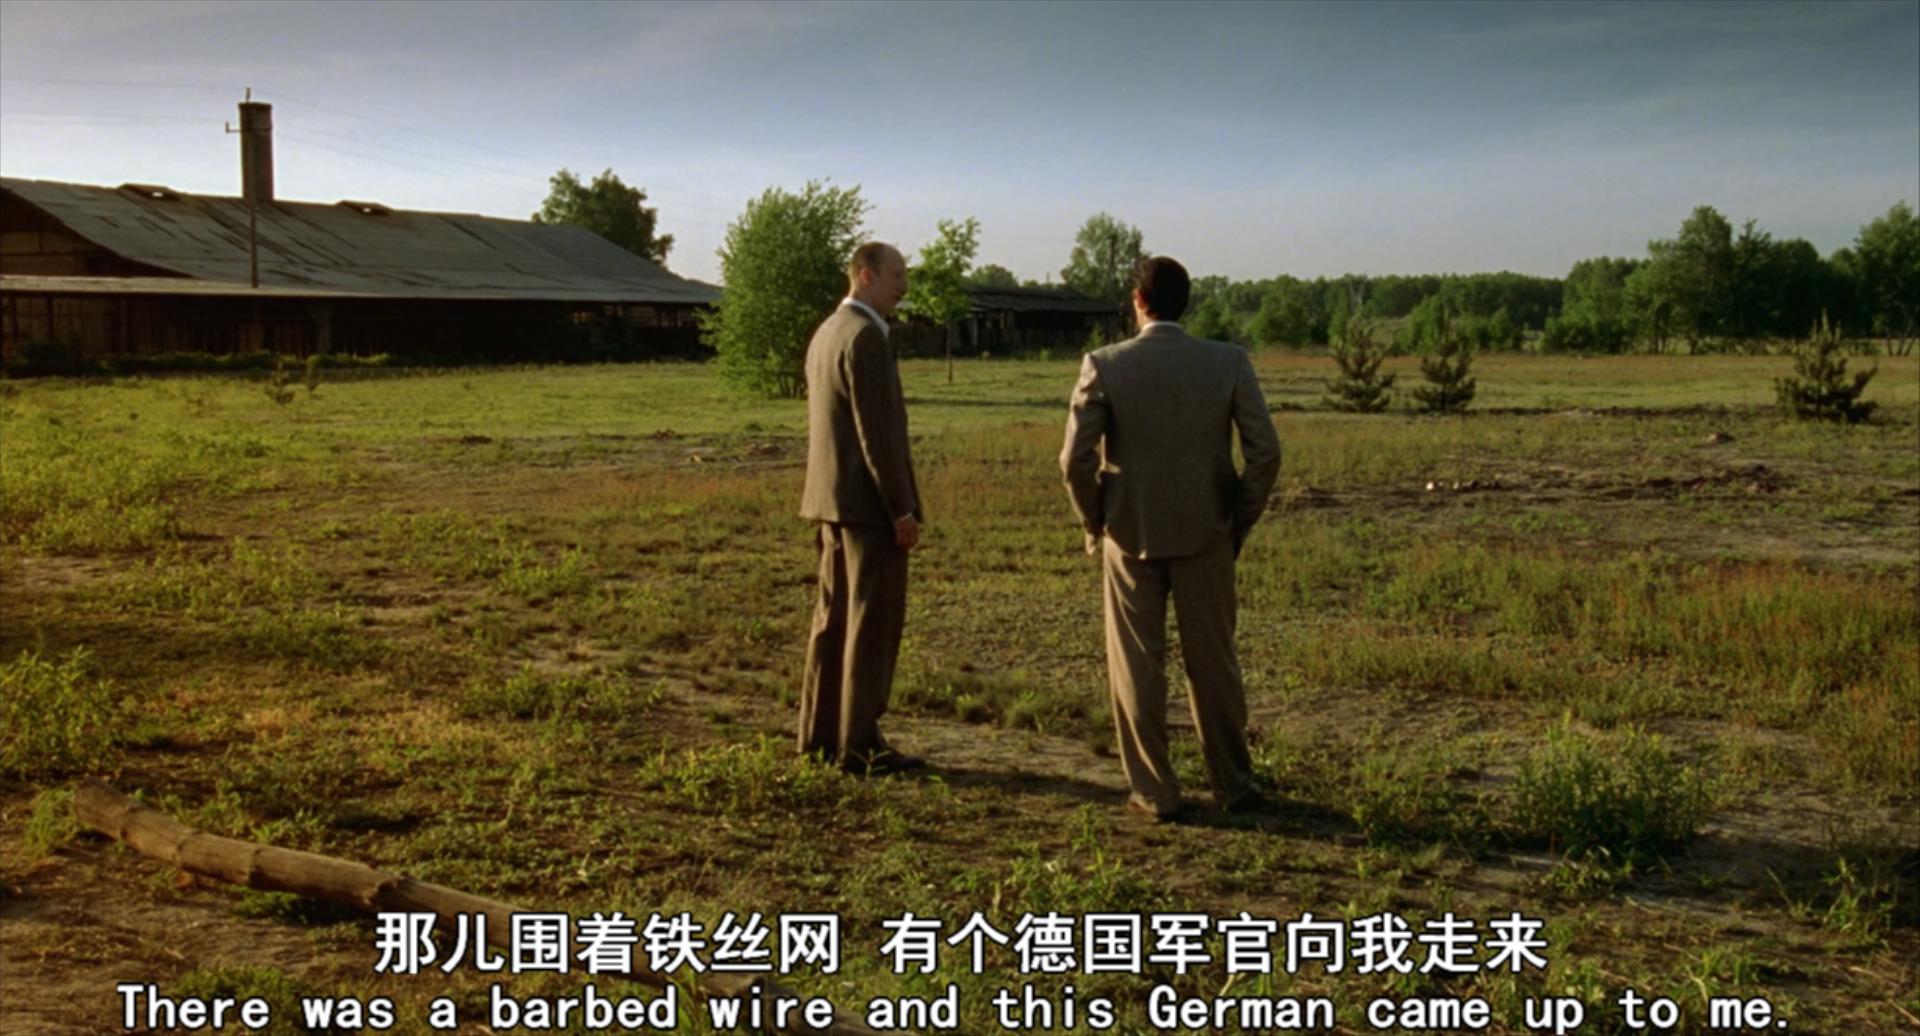 2002残酷剧情片《钢琴家》3800字,10分钟剧情解说稿-第14张图片